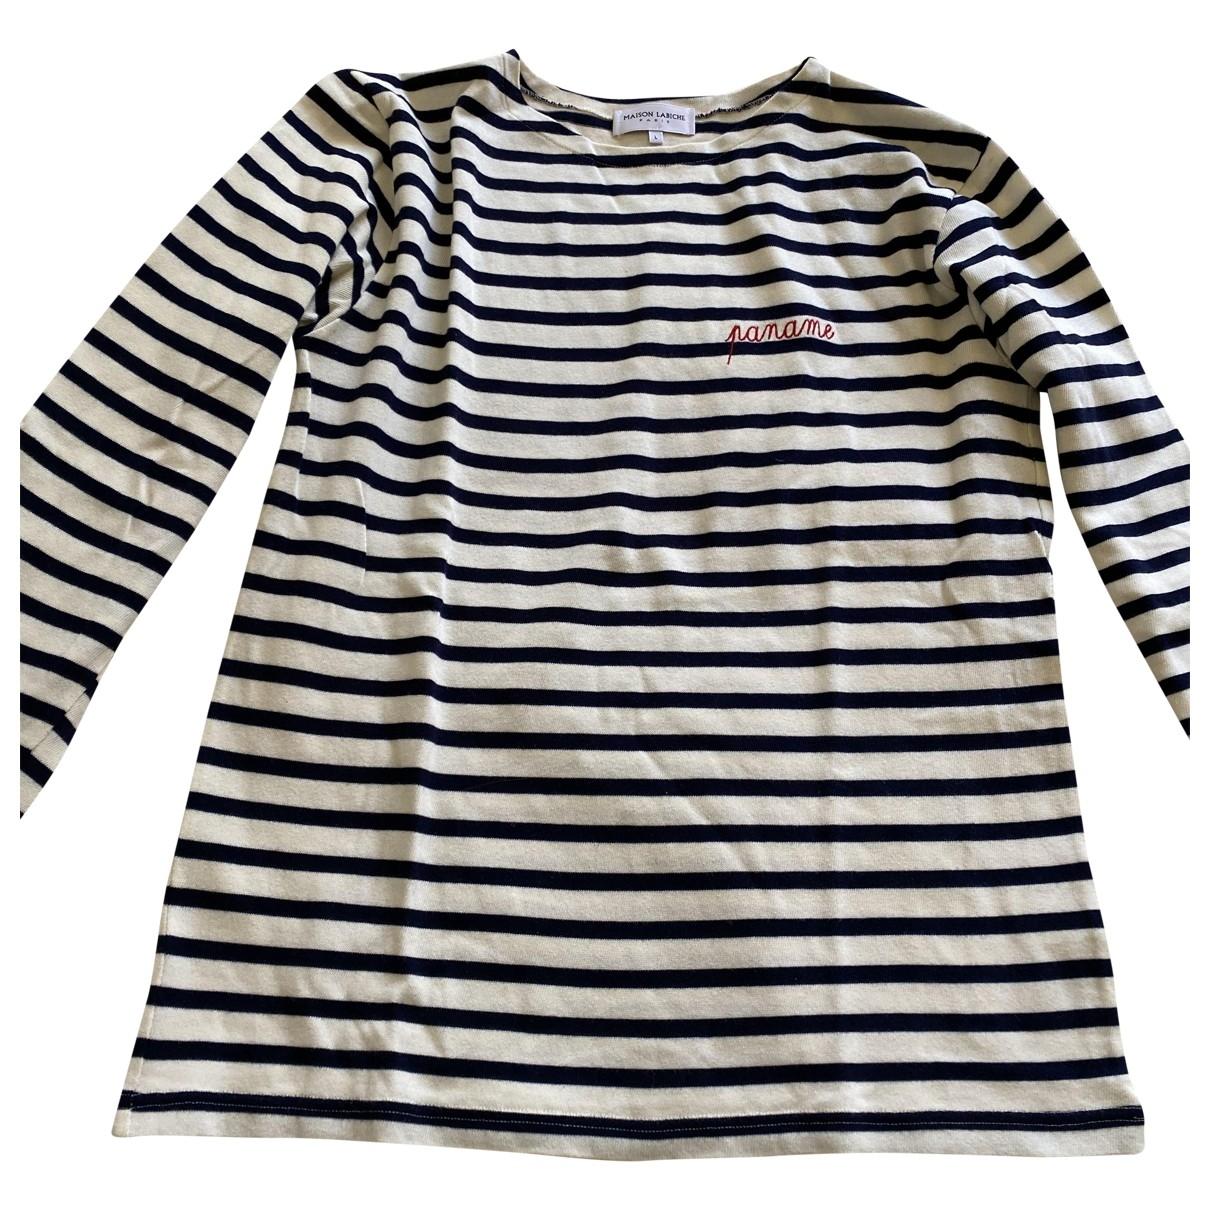 Maison Labiche - Tee shirts   pour homme en coton - blanc